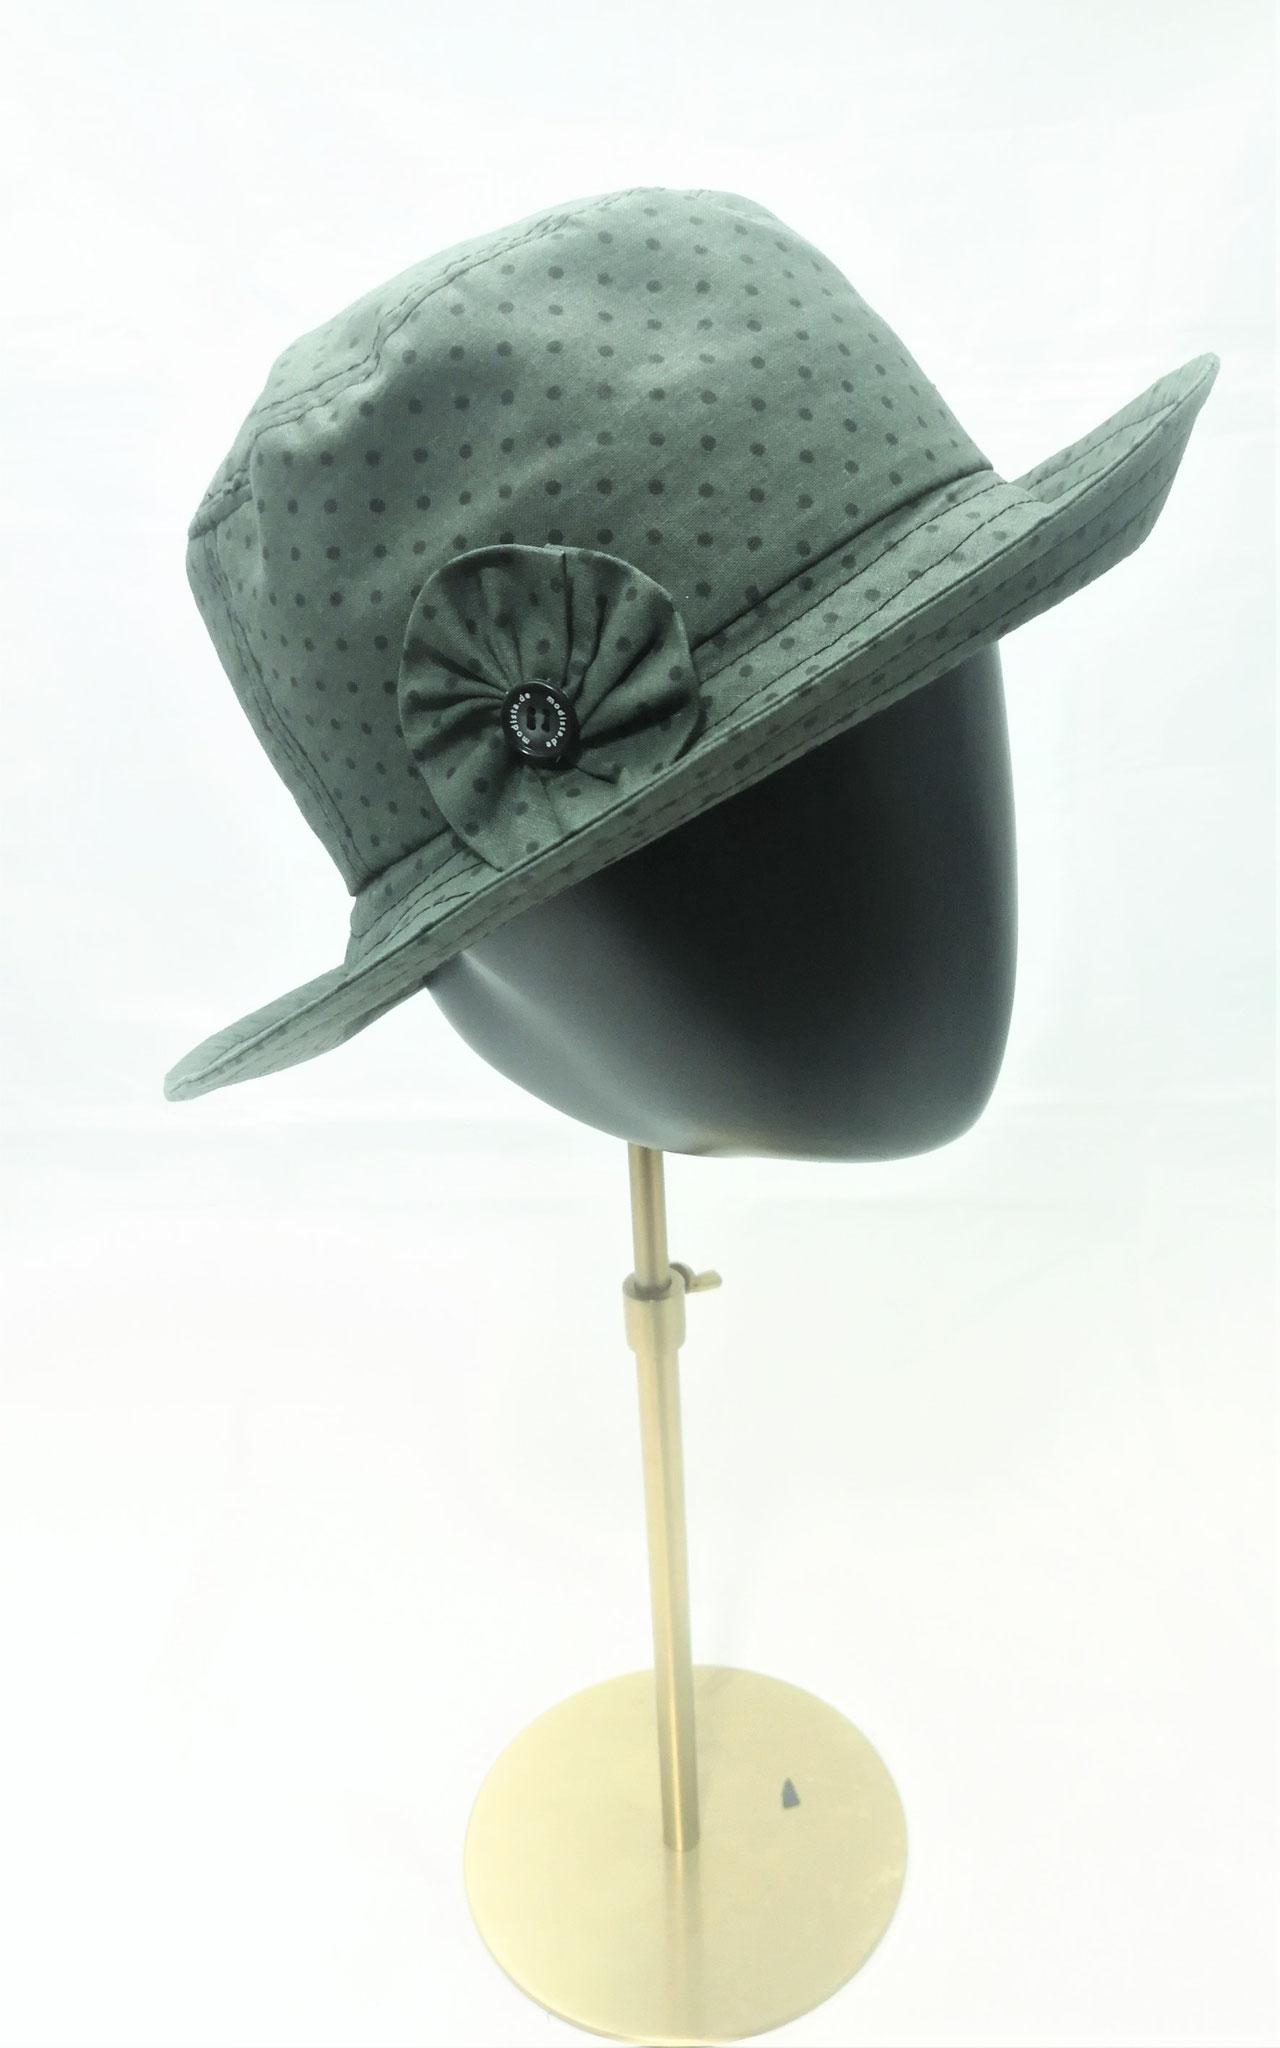 Stoffhut mit Blume, Baumwolle, stabiler Kopfsitz, Manufakturarbeit, auch in anderen Designs bestellbar Preis 59,90 €